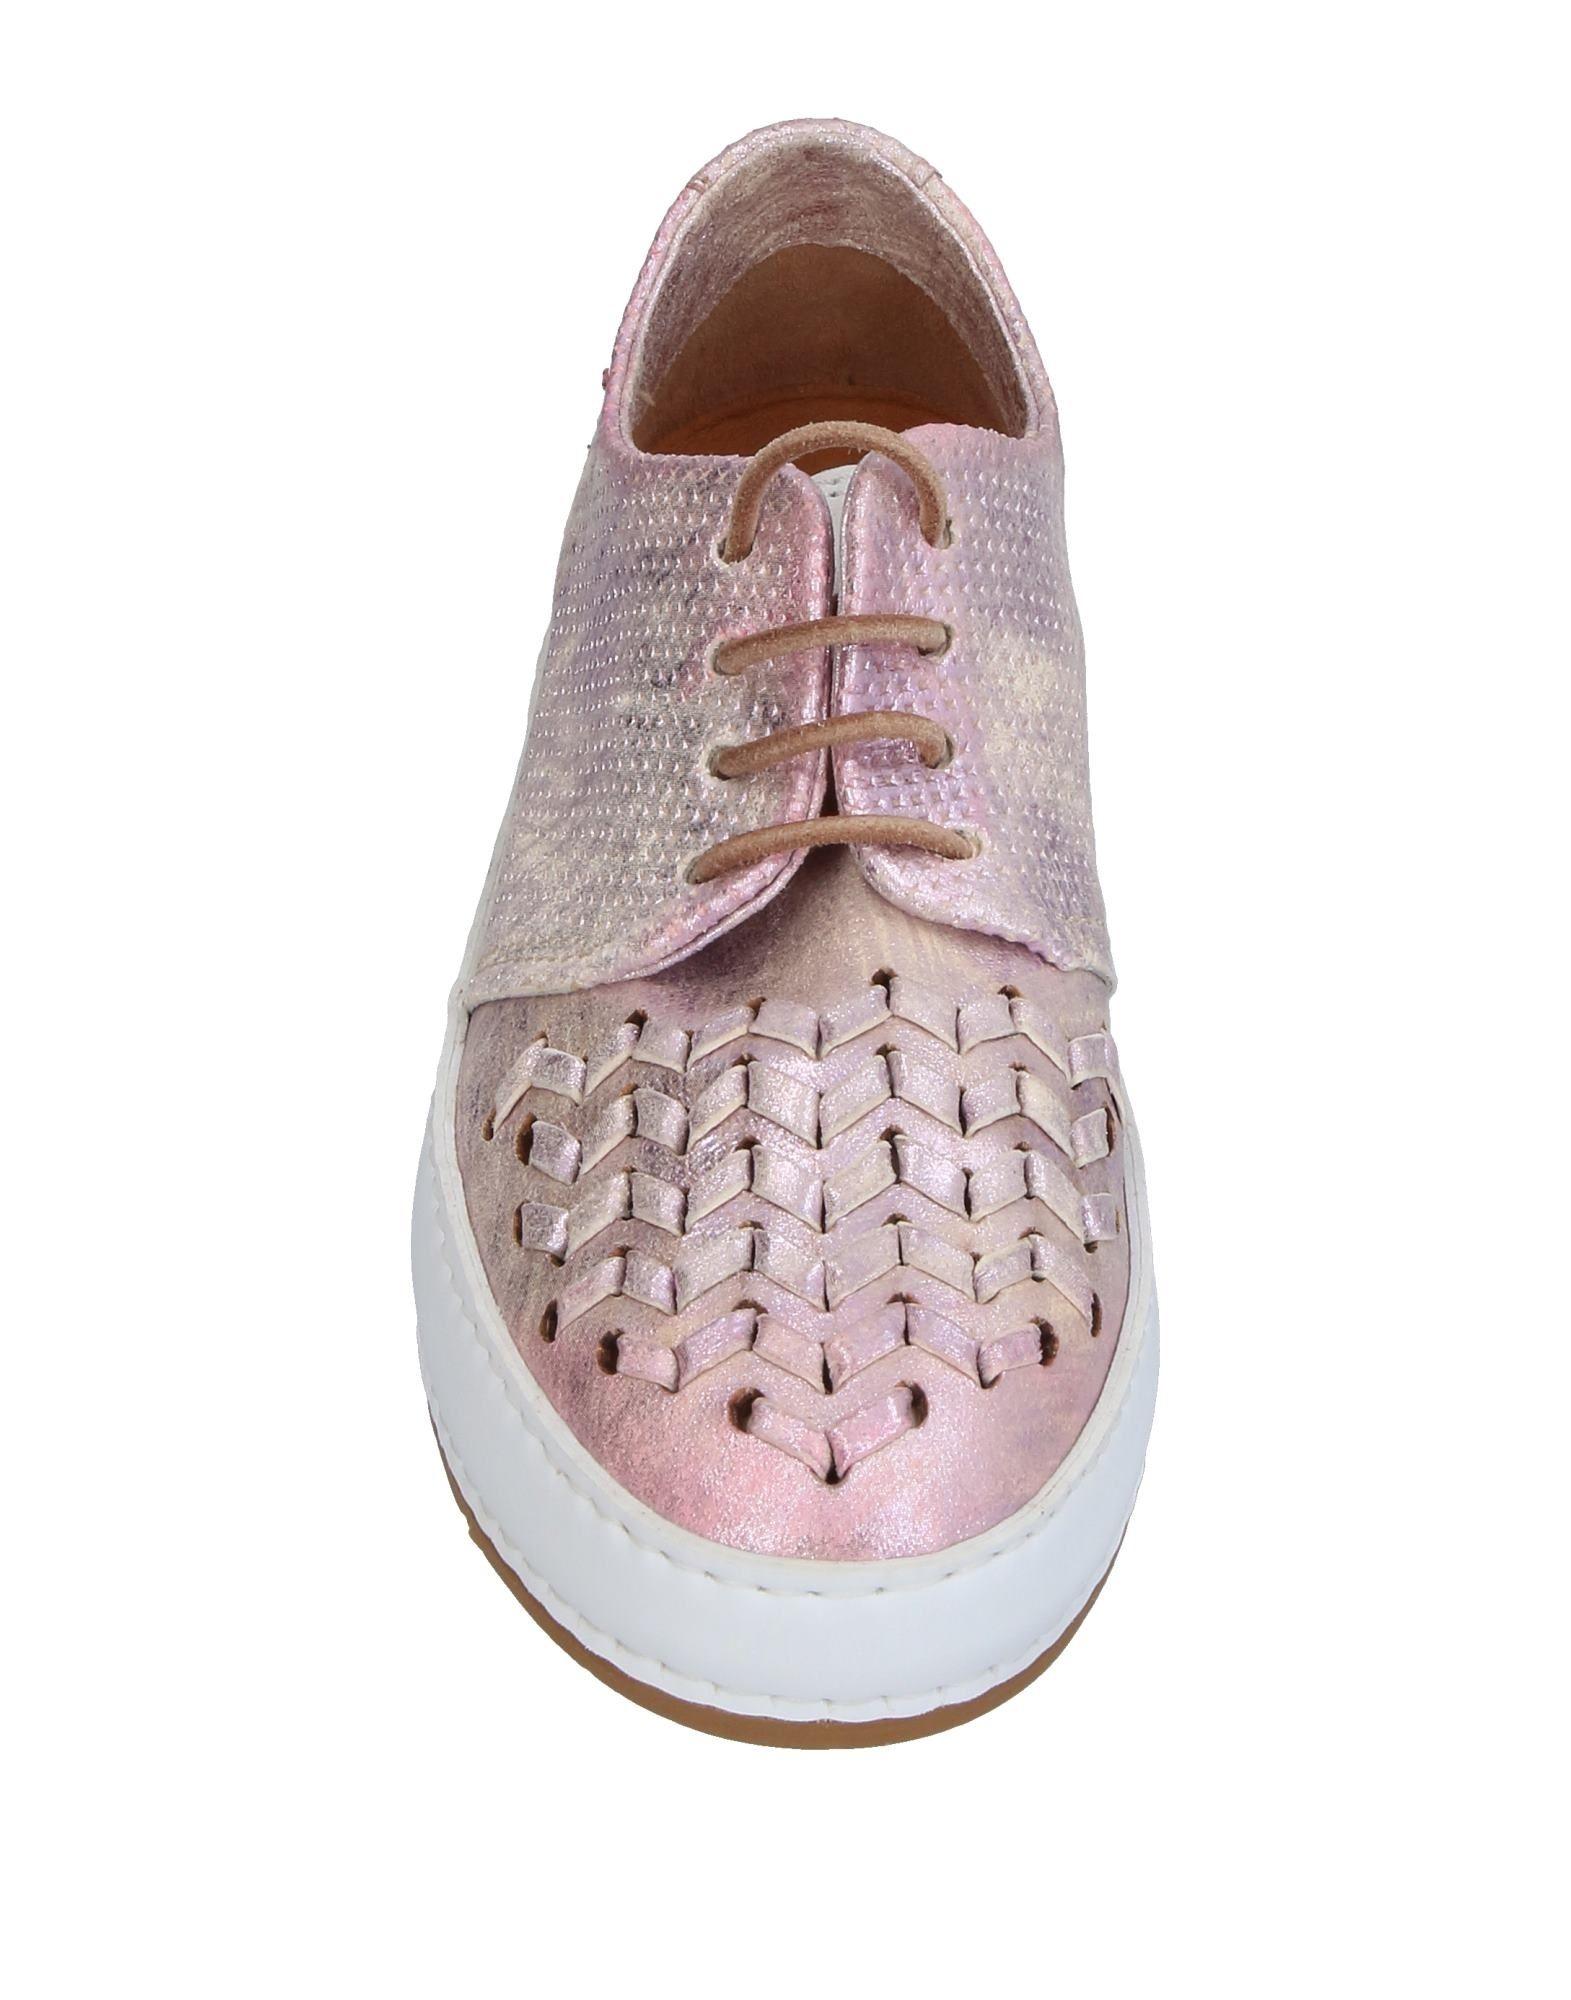 A.S. 98 Sneakers Damen 11383806HB  11383806HB Damen  6a0992